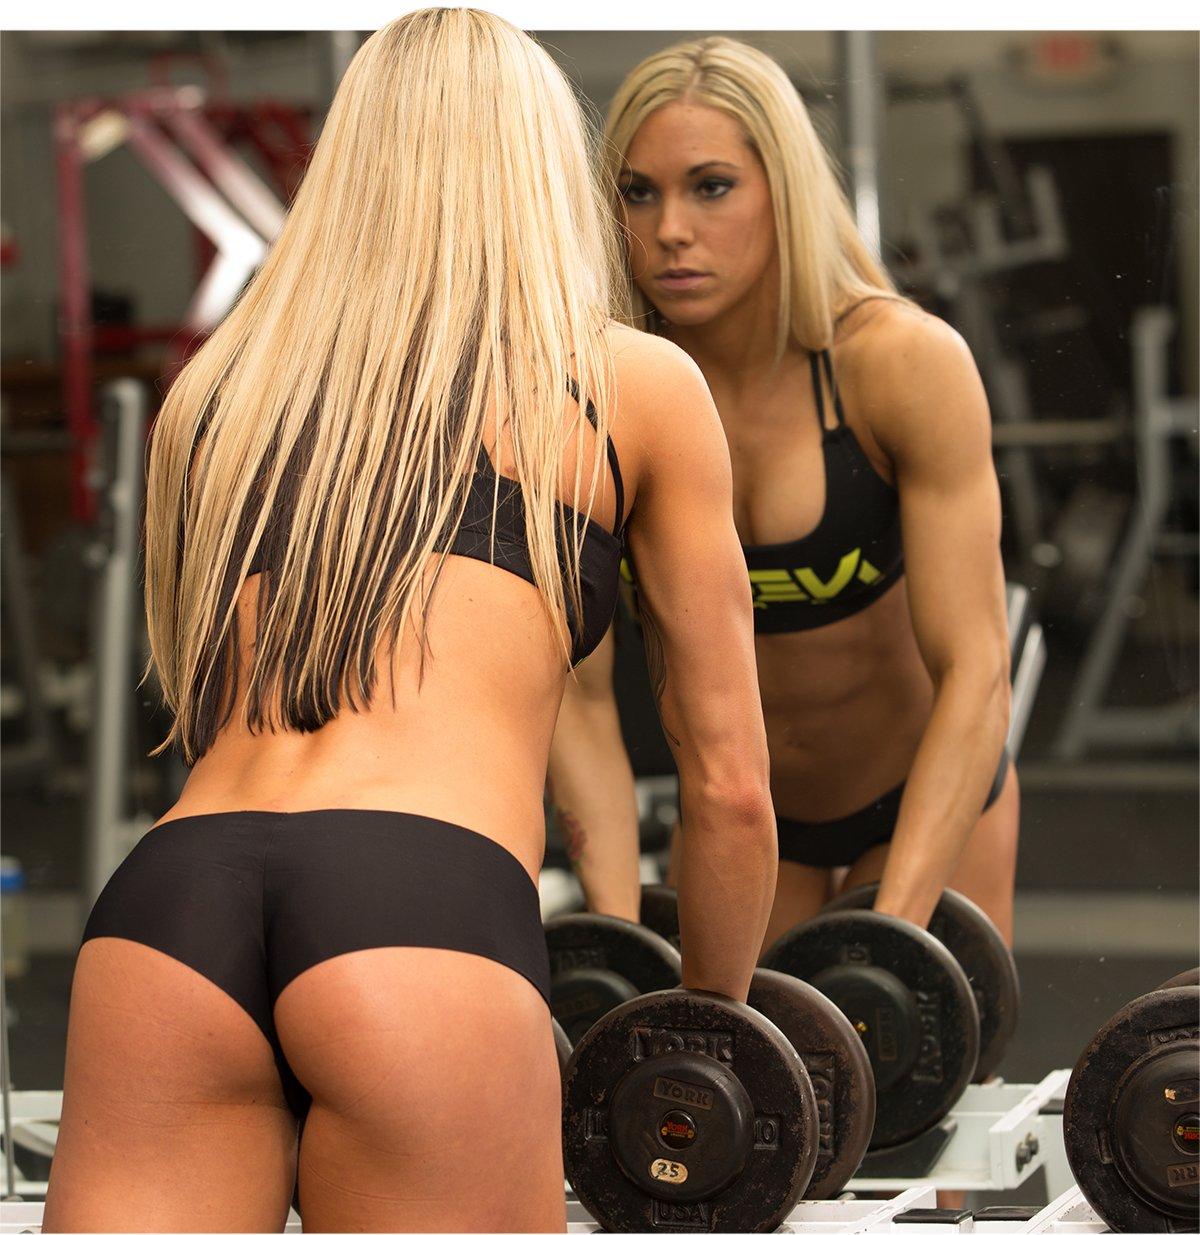 Bodybuilder female athlete sex machine 6